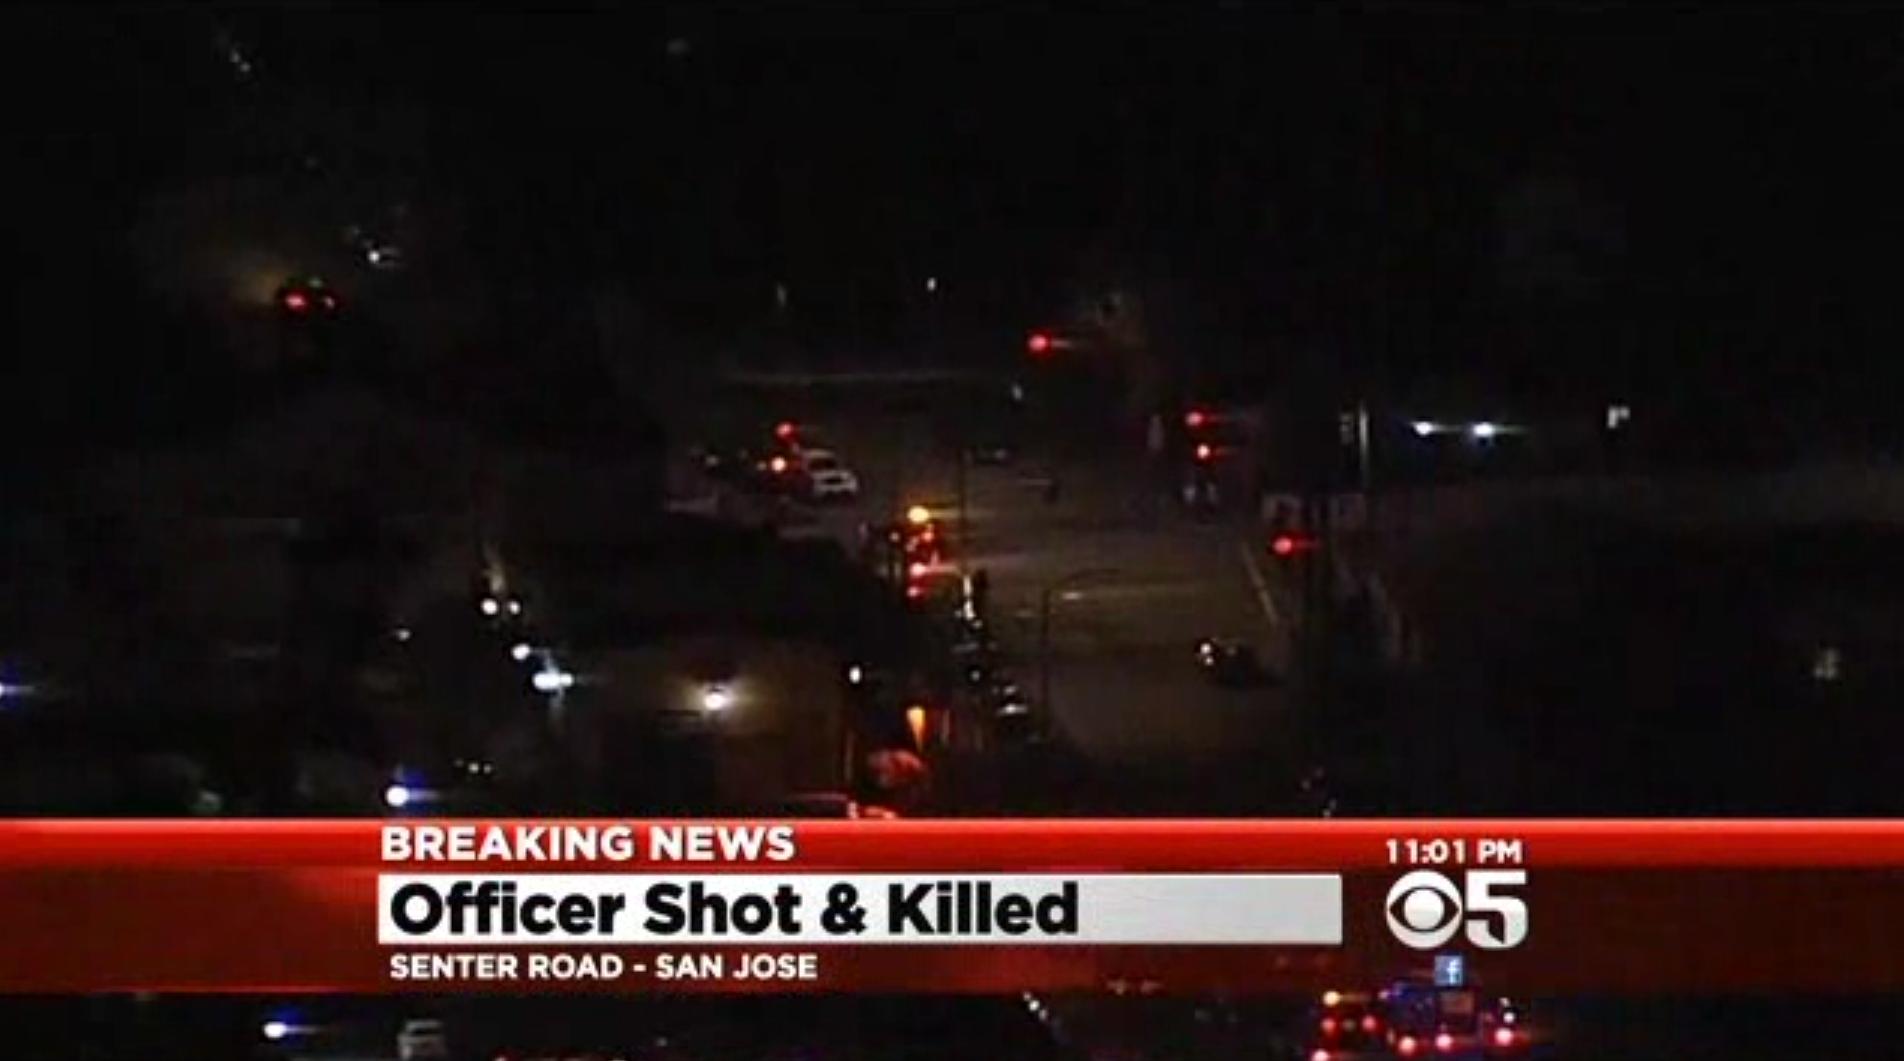 Video: San Jose Officer Ambushed and Killed at Domestic Call